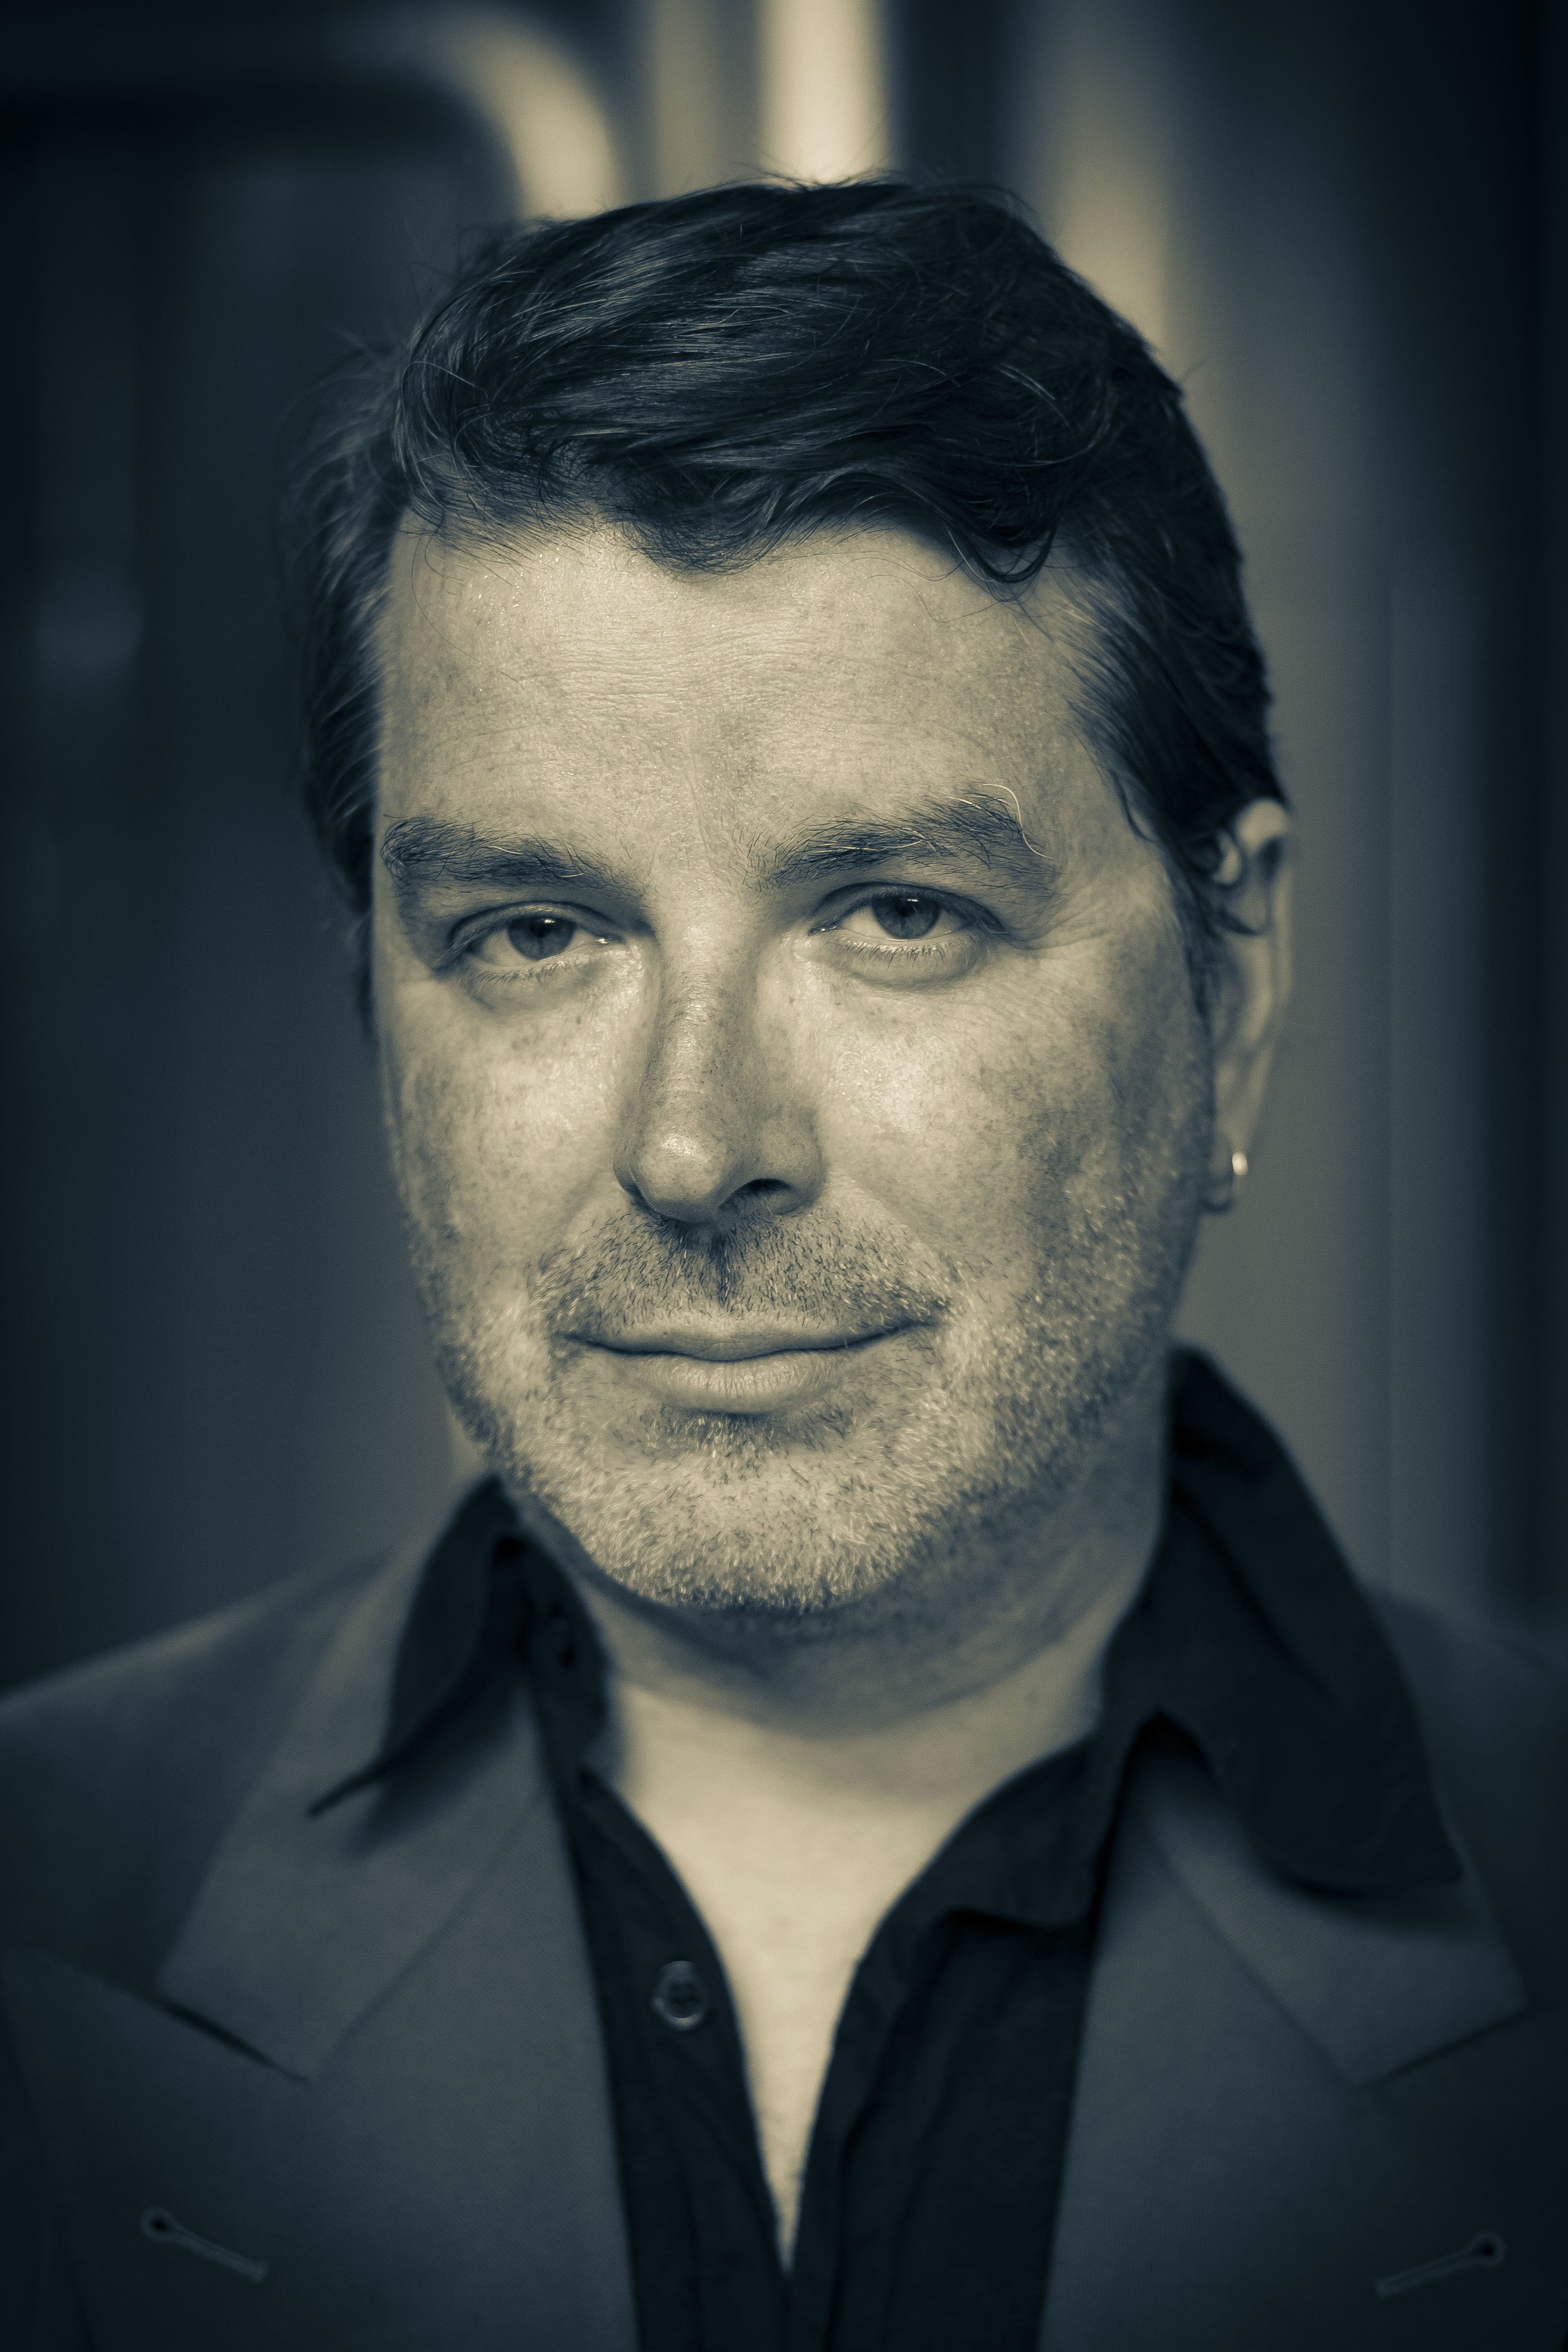 Francesco Hygen Puddu